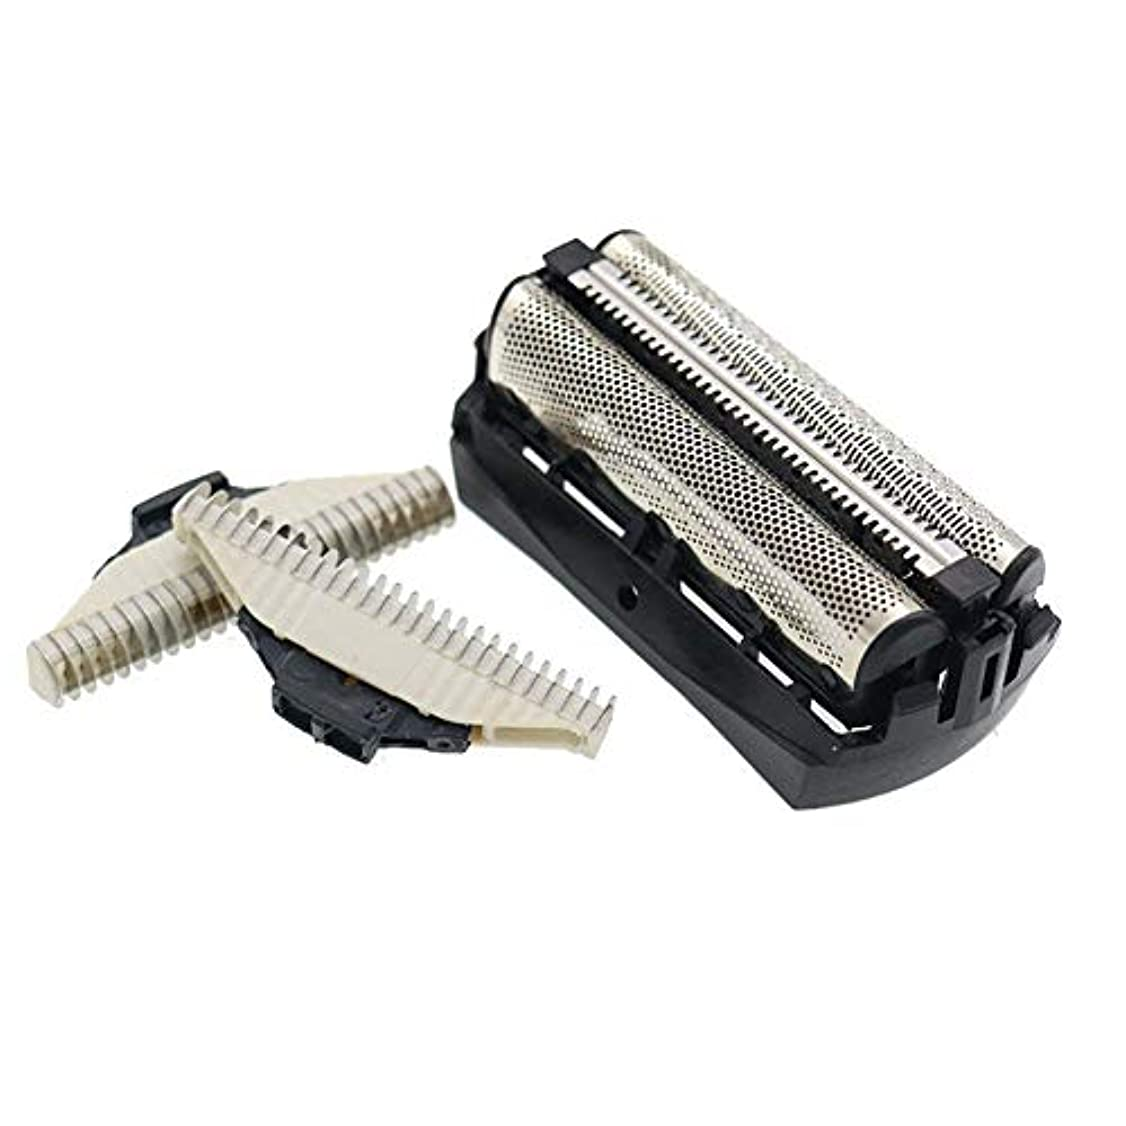 無心伝導先住民WuYan 交換用 シェーバー ホイル カッター ユニット シェーバー ヘッド互換性 Philips Qc5550 Qc5580 ロータリー ブレード 男性用 トリマー カミソリ アクセサリー